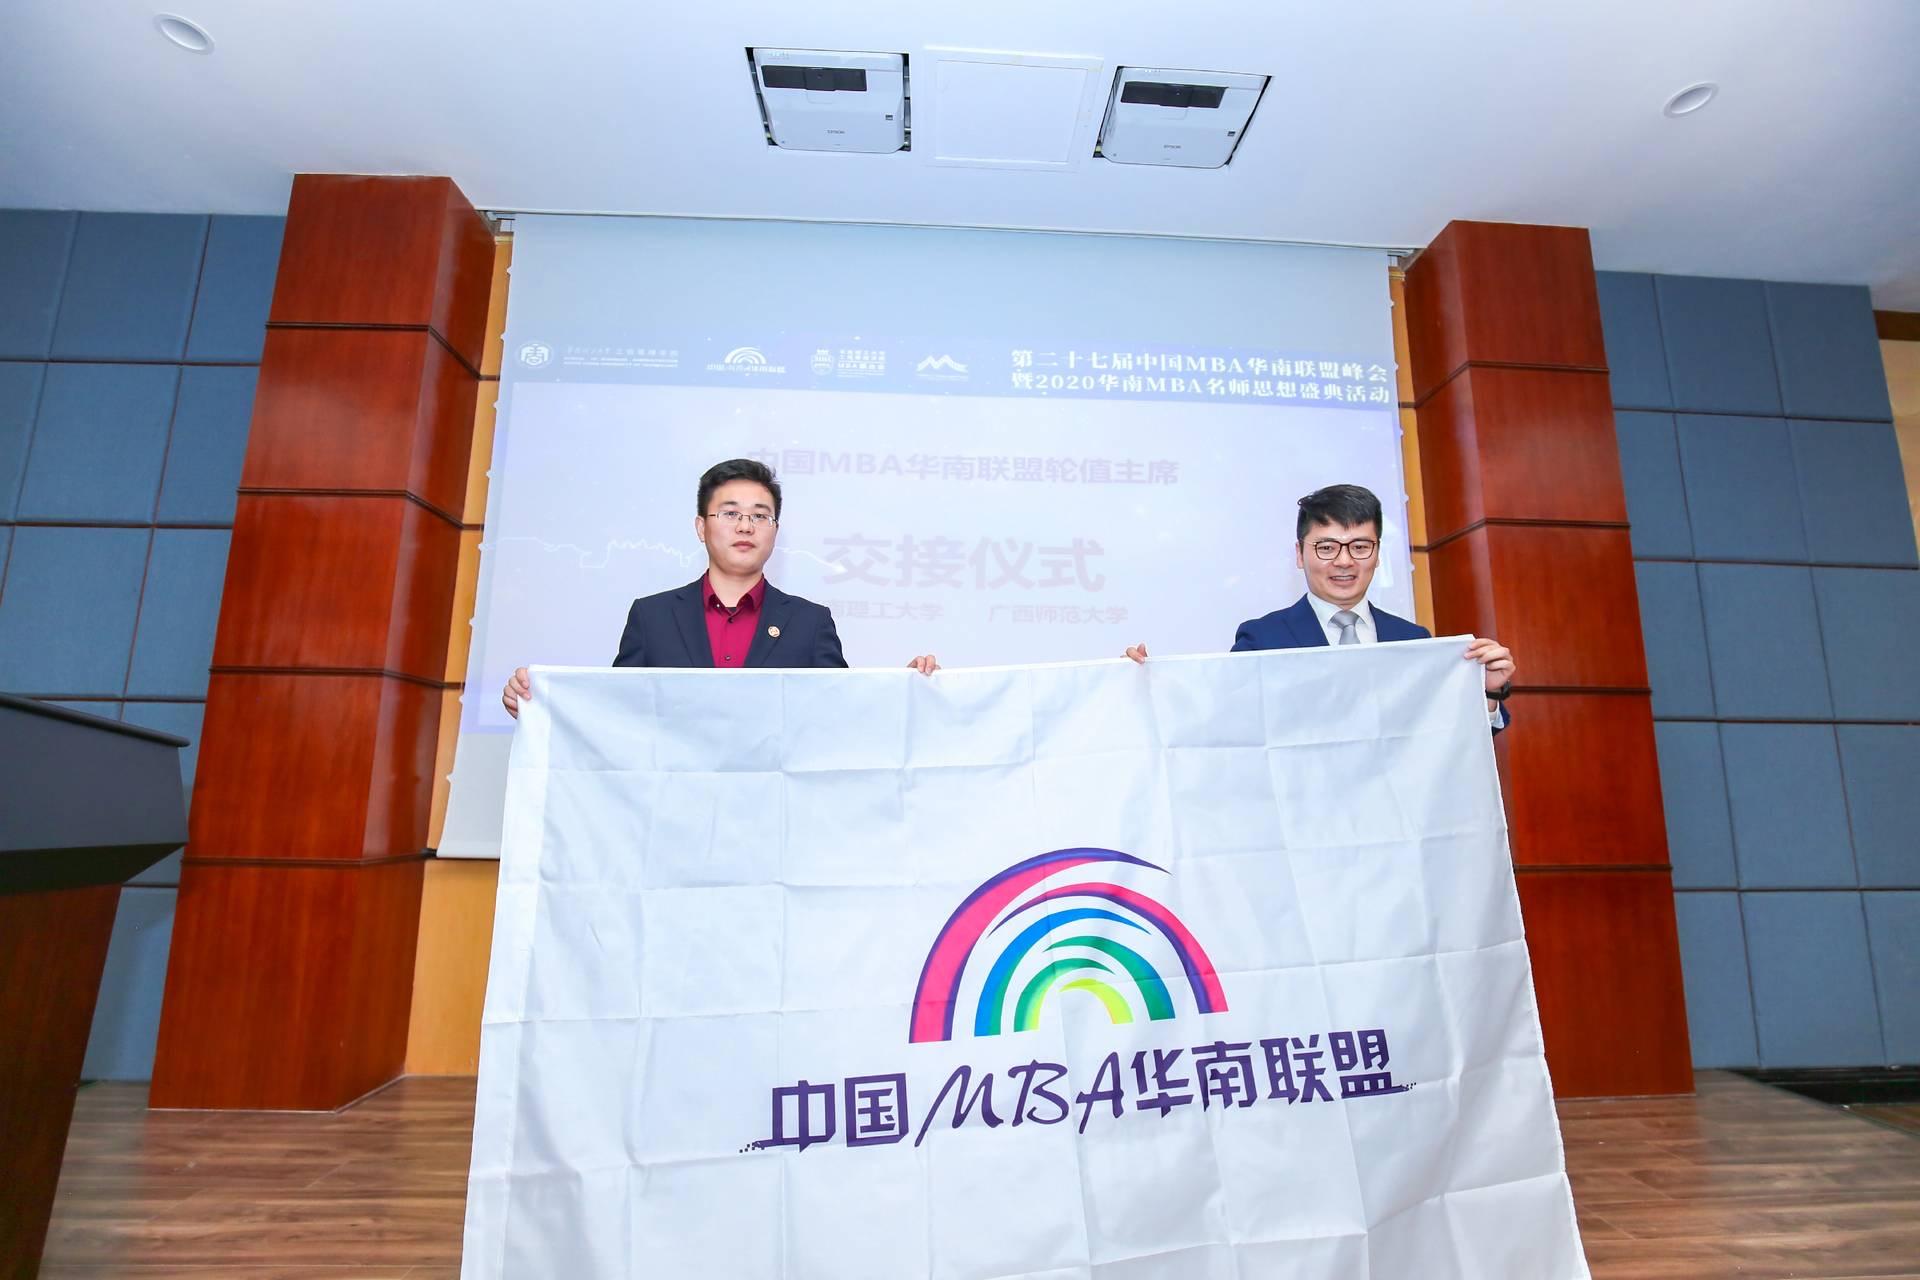 广西师大MBA代表参加第27届MBA华南联盟峰会暨庆贺新年-工作动态-广西师大MBA校友会